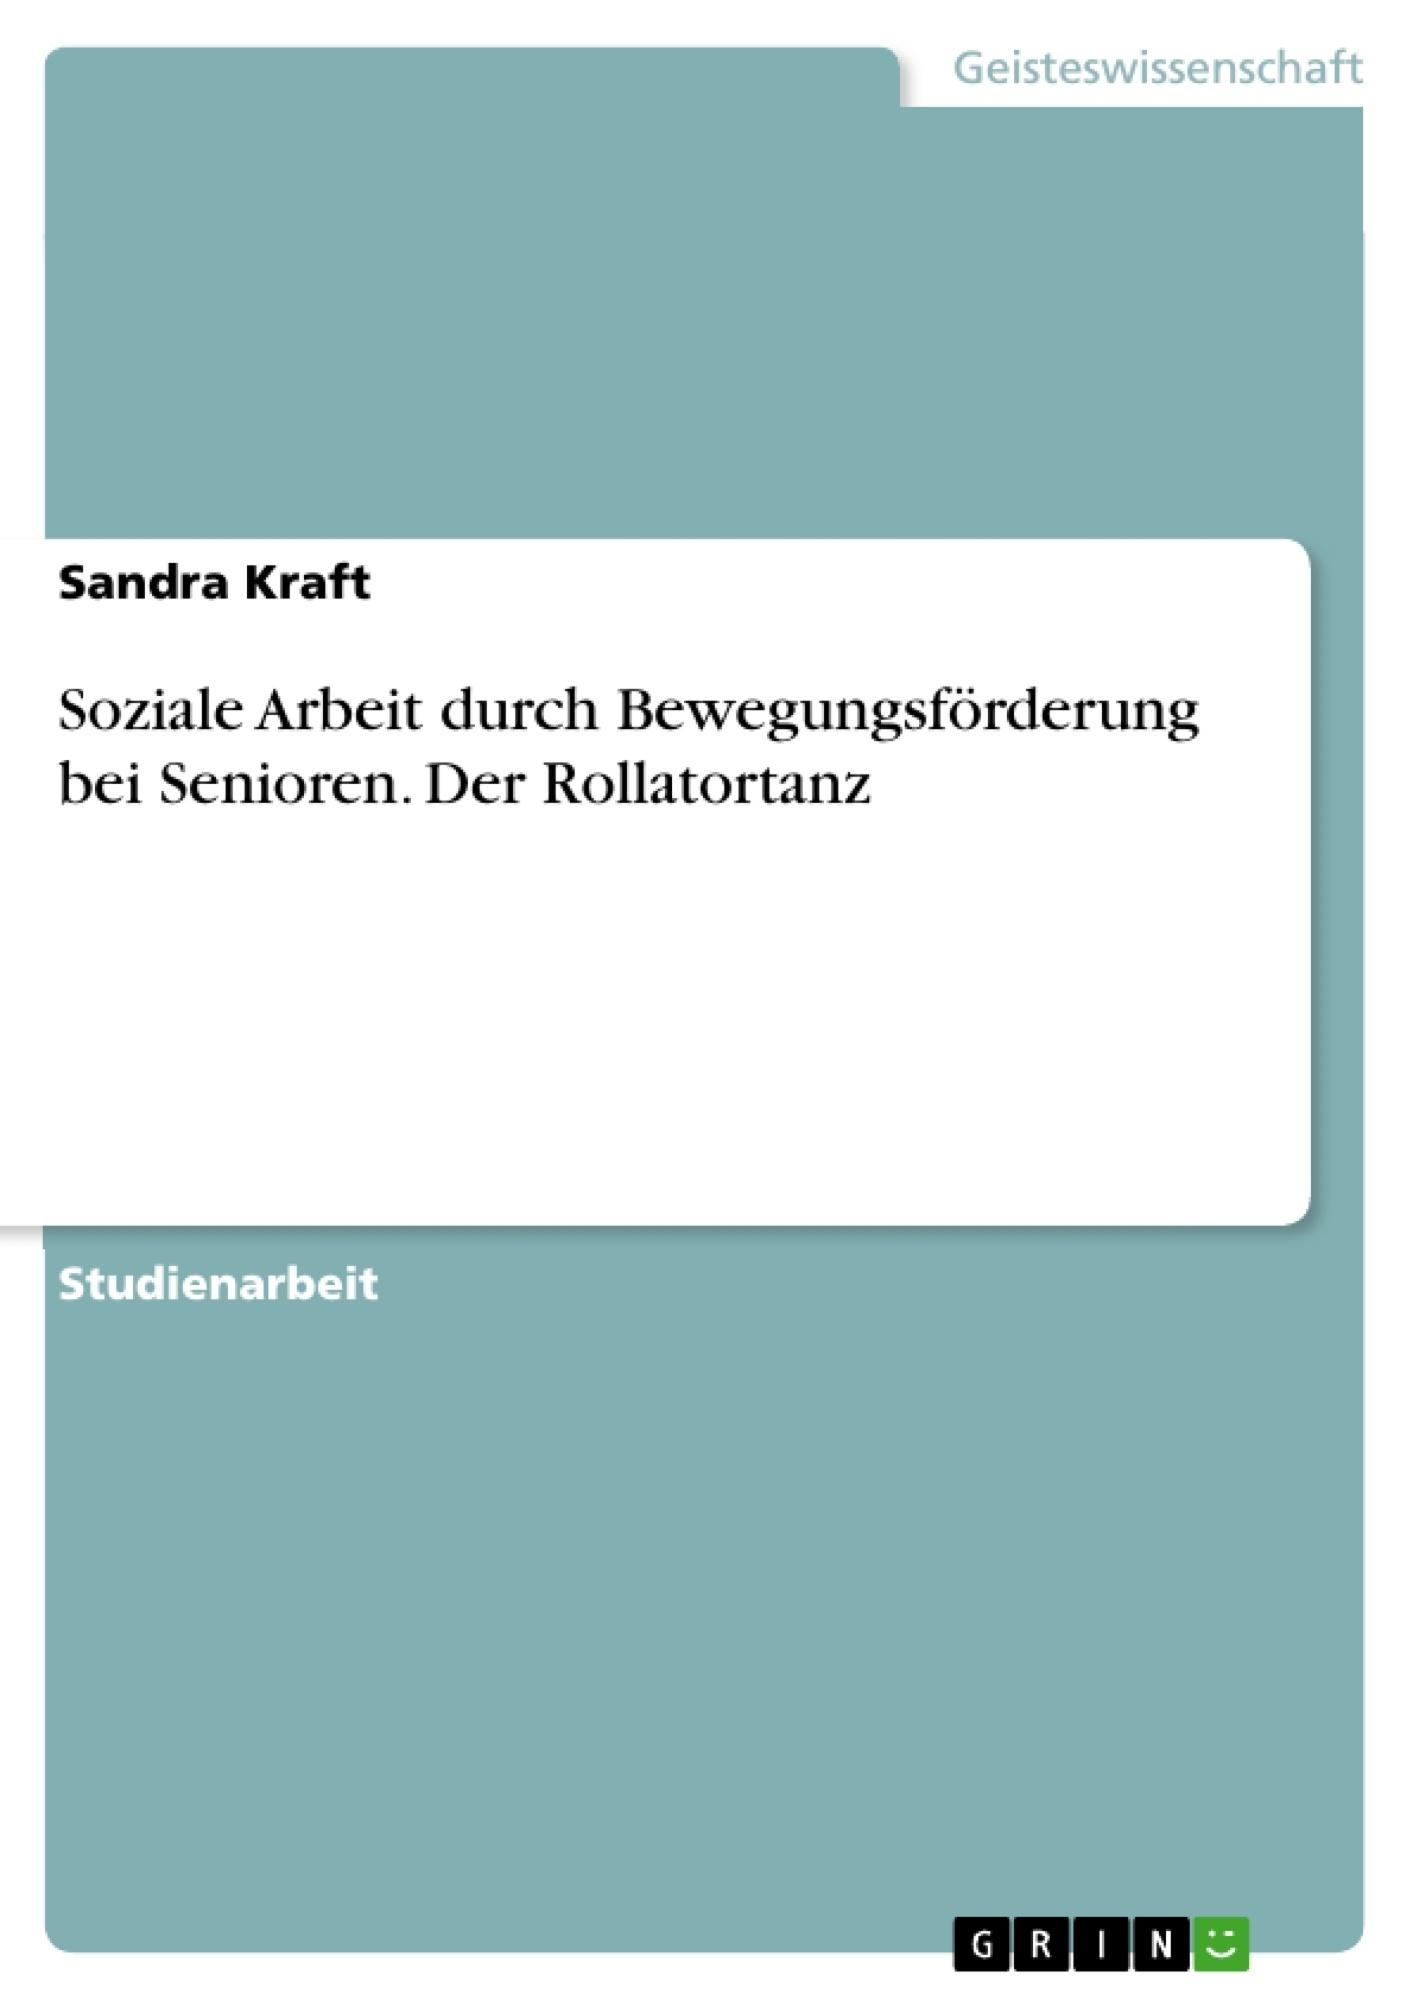 Titel: Soziale Arbeit durch Bewegungsförderung bei Senioren. Der Rollatortanz